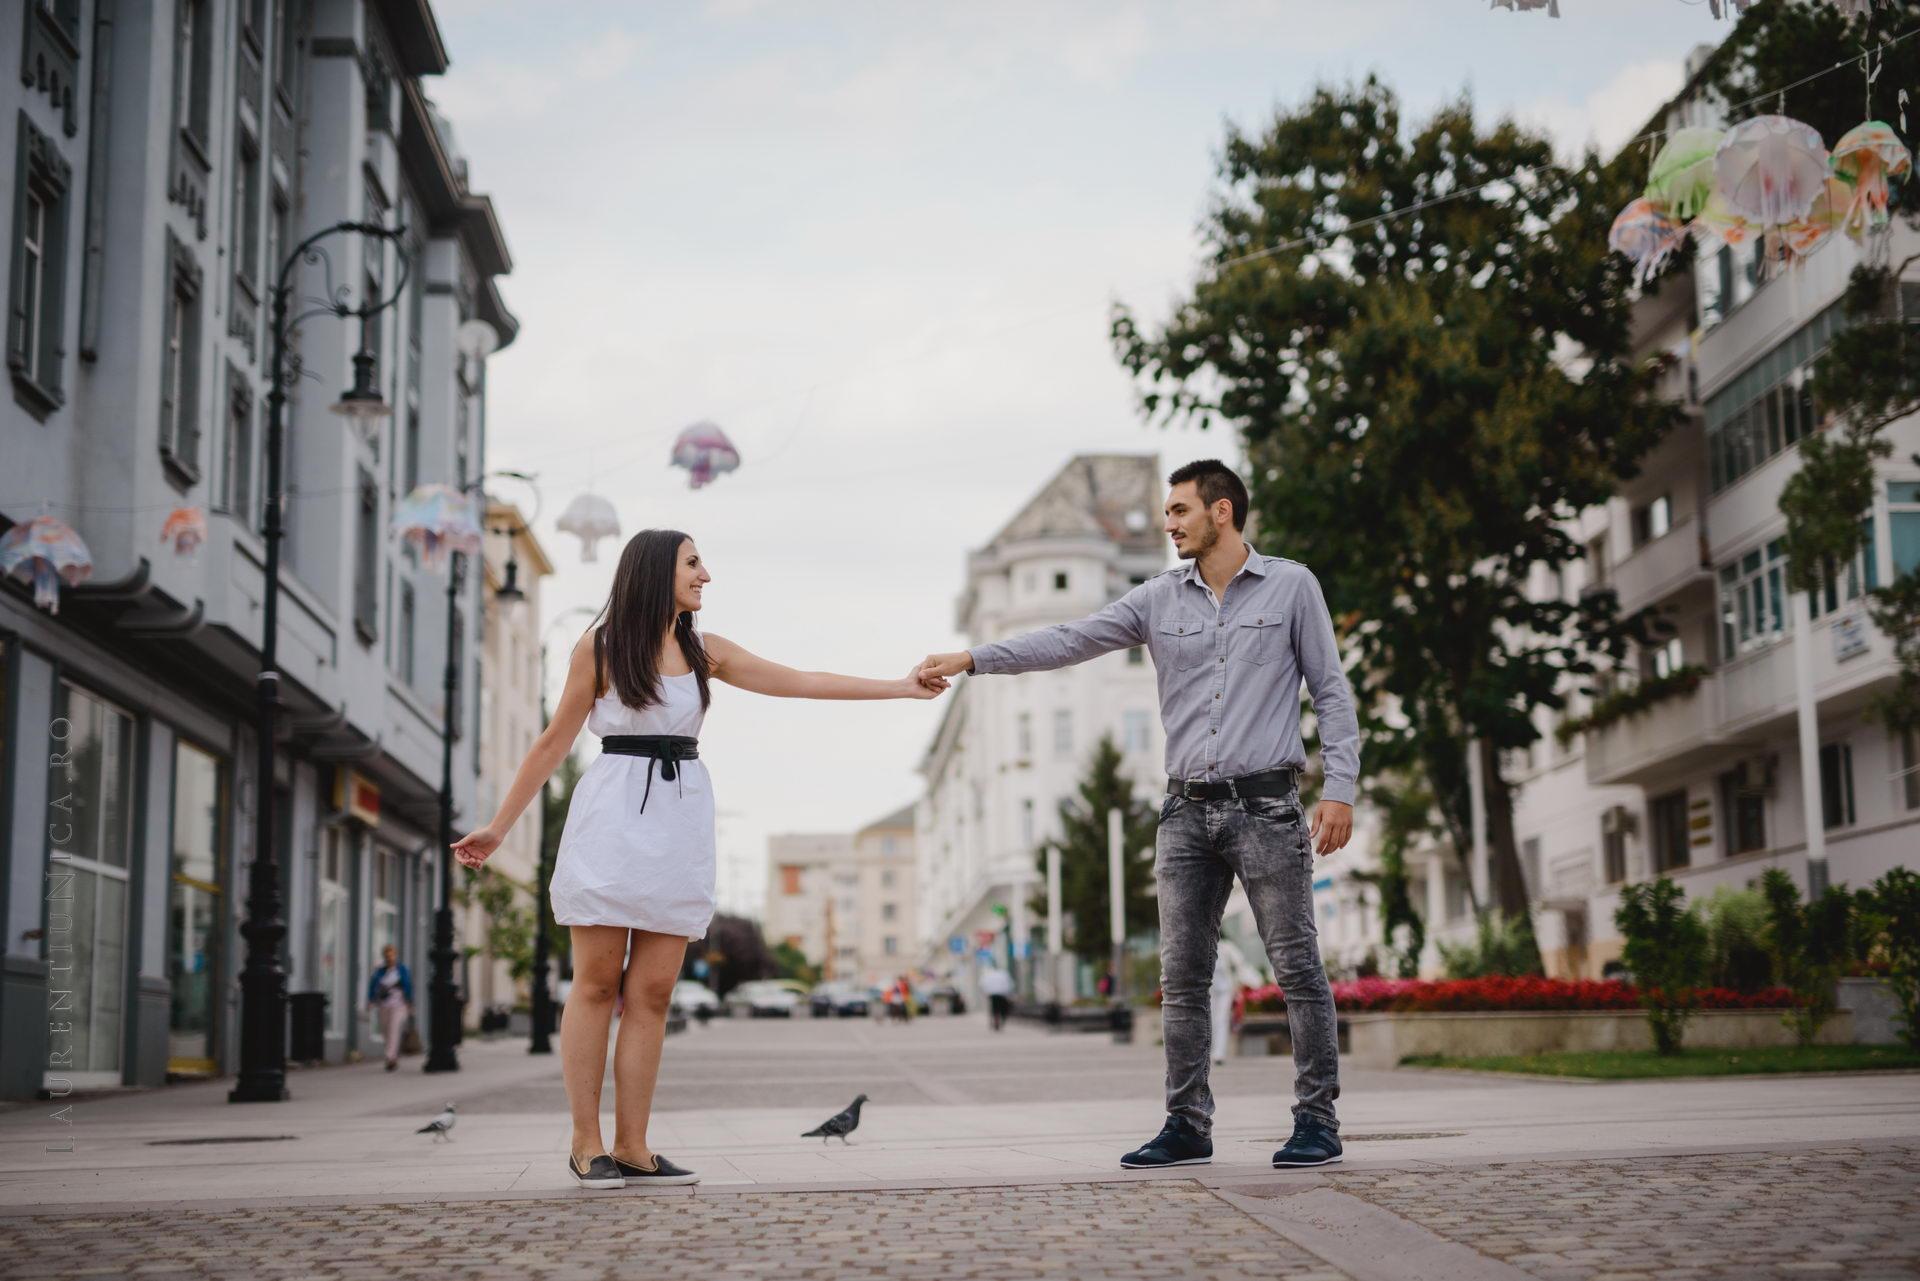 sedinta foto save the date fotograf laurentiu nica craiova 08 - Ramona & Marius | Sedinta foto Save the Date